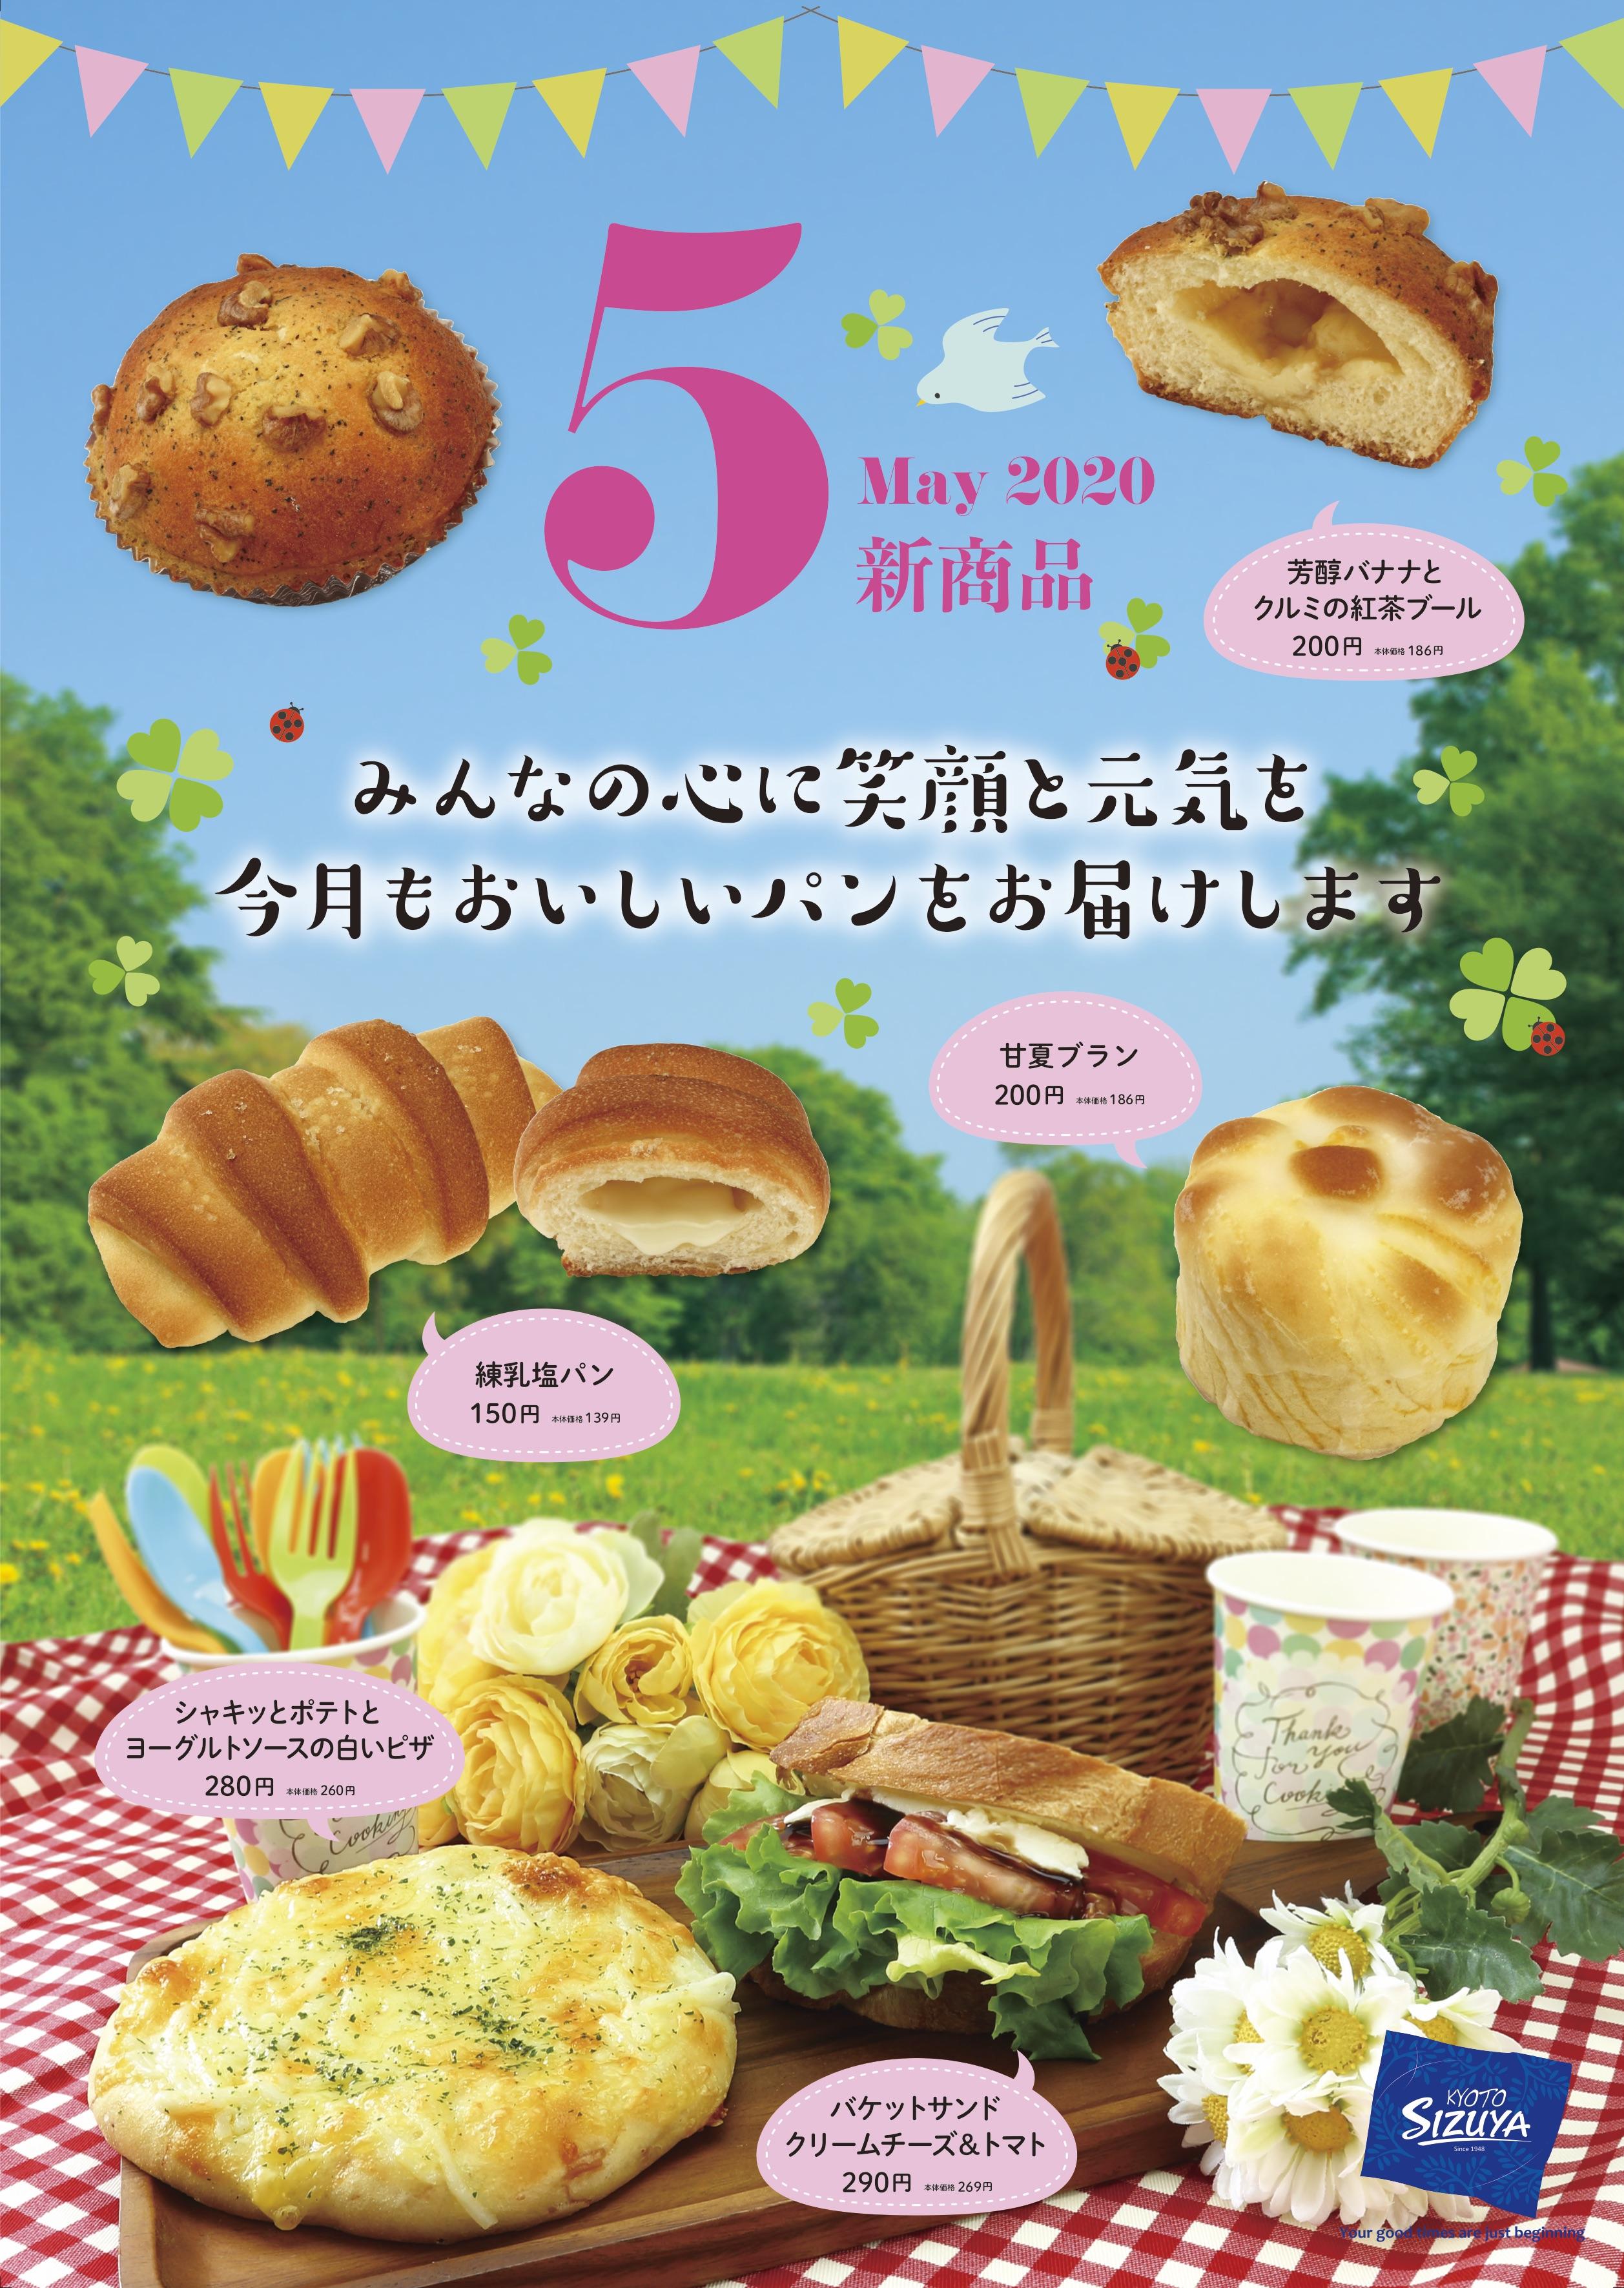 https://kotochika.kyoto/topics/images/sizuya5%E6%9C%88%E3%83%9D%E3%82%B9%E3%82%BF%E3%83%BC.jpg